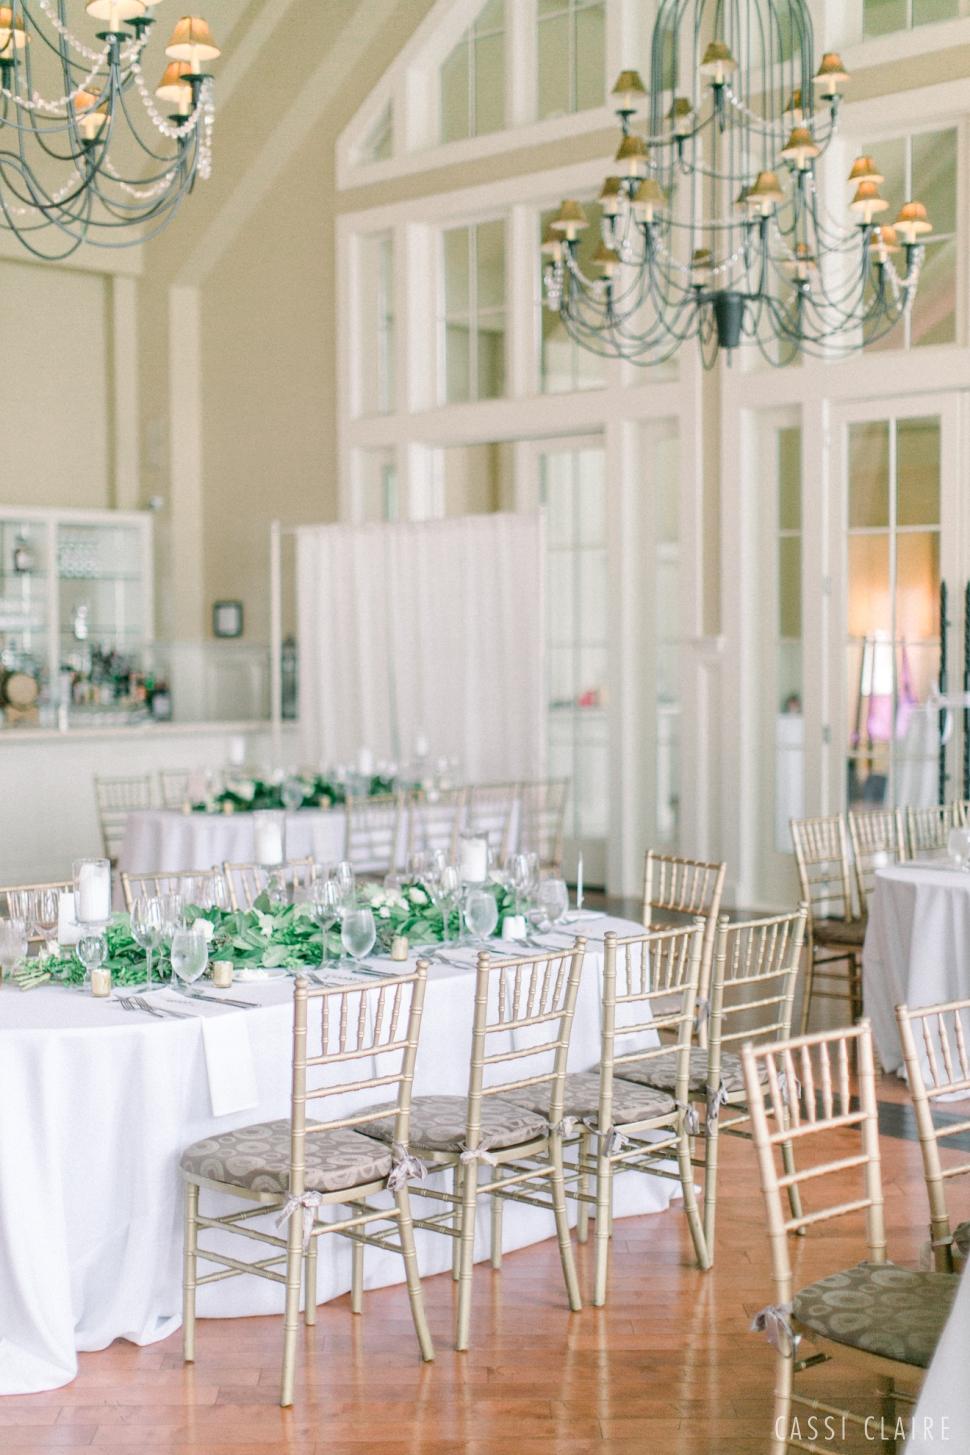 Ryland-Inn-Wedding-NJ_CassiClaire_35.jpg